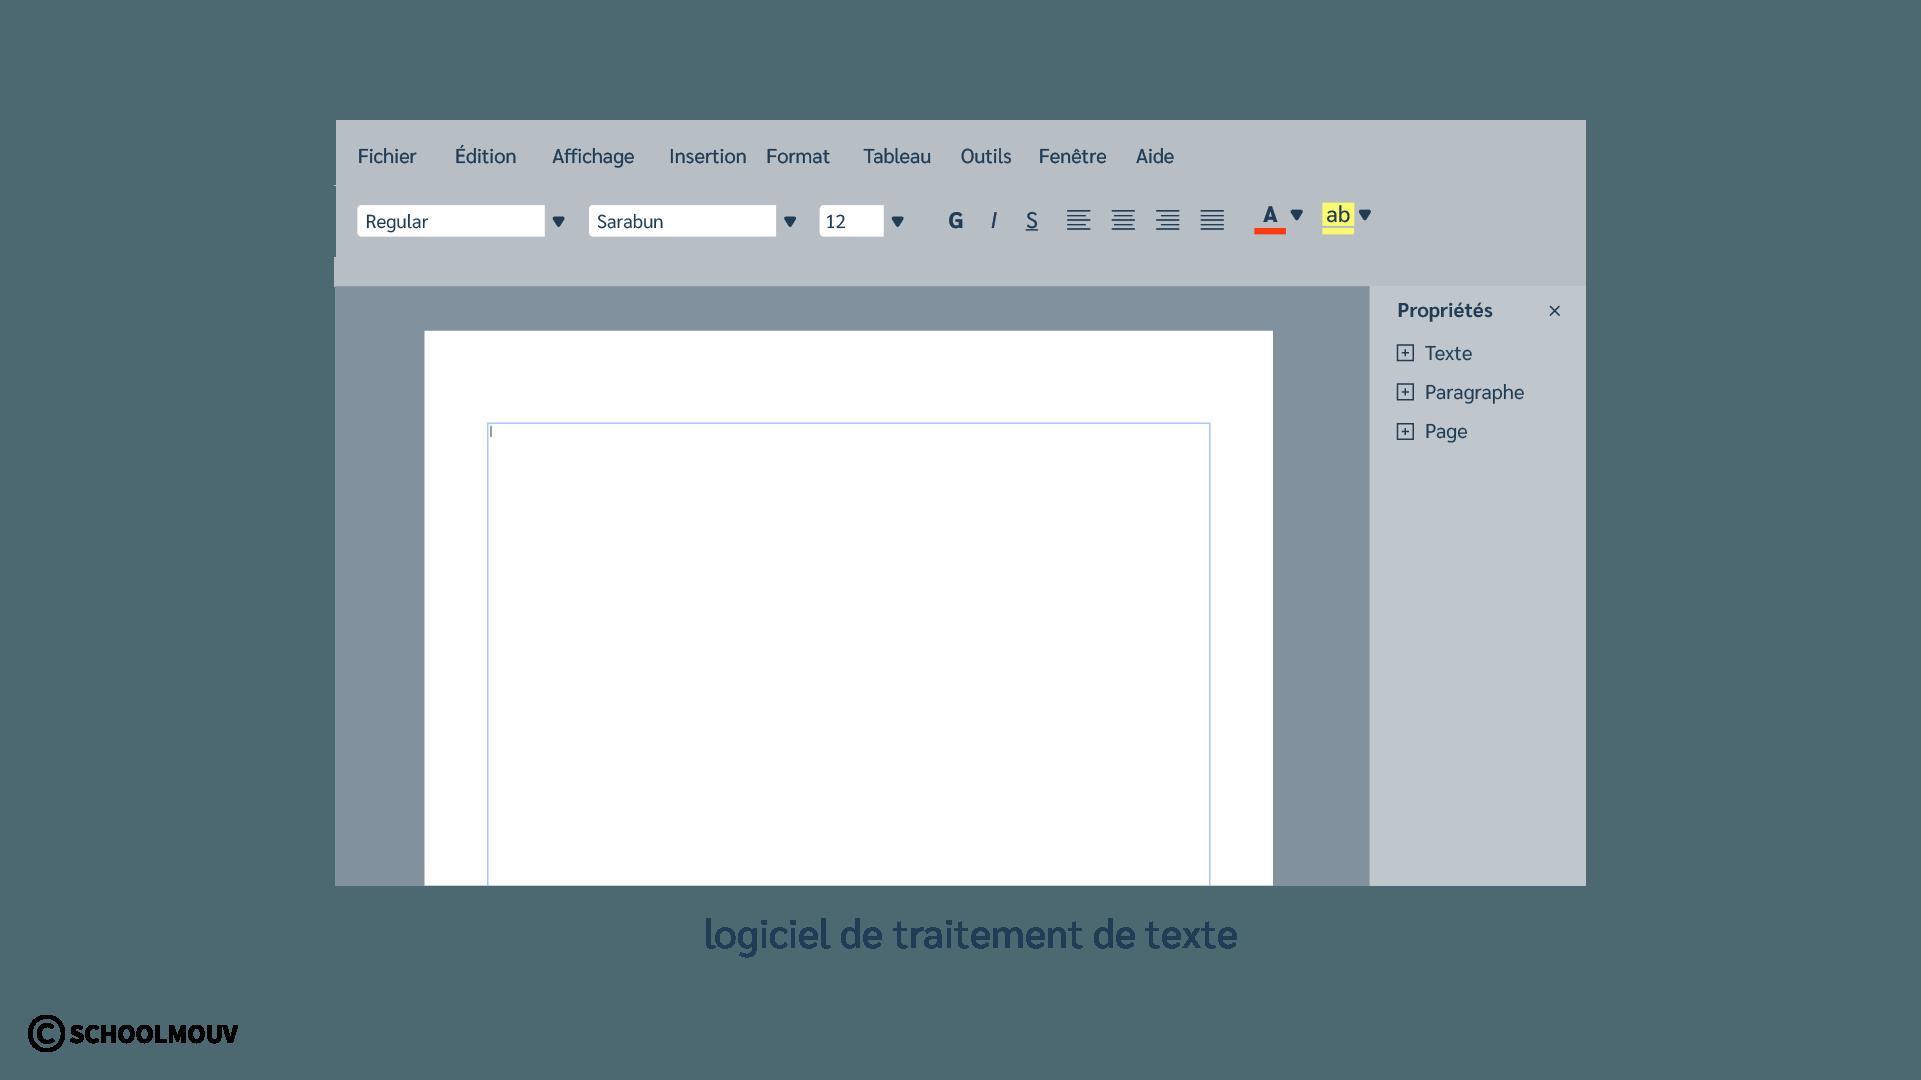 Logiciel de traitement de texte - Ordinateur - Écrire - Numérique - SchoolMouv - Sciences - CP